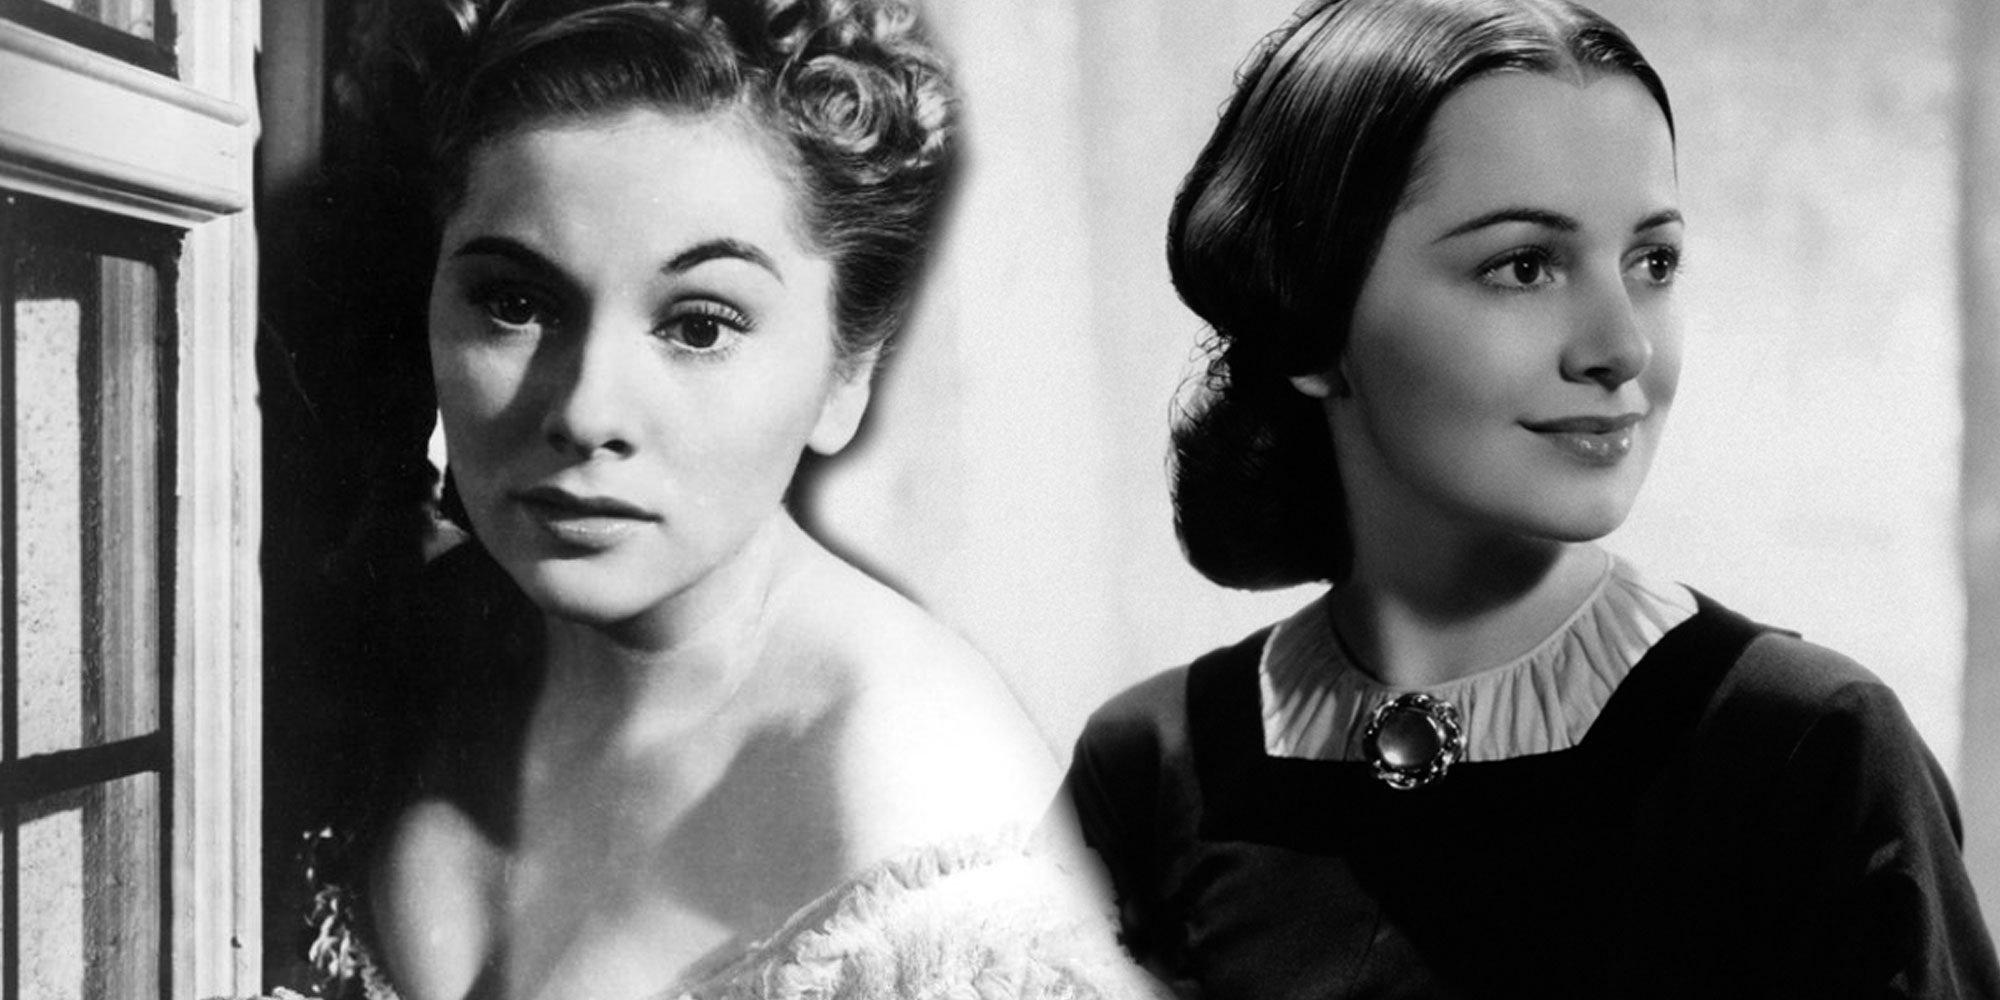 Olivia de Havilland y Joan Fontaine, dos hermanas de cine peleadas hasta la muerte